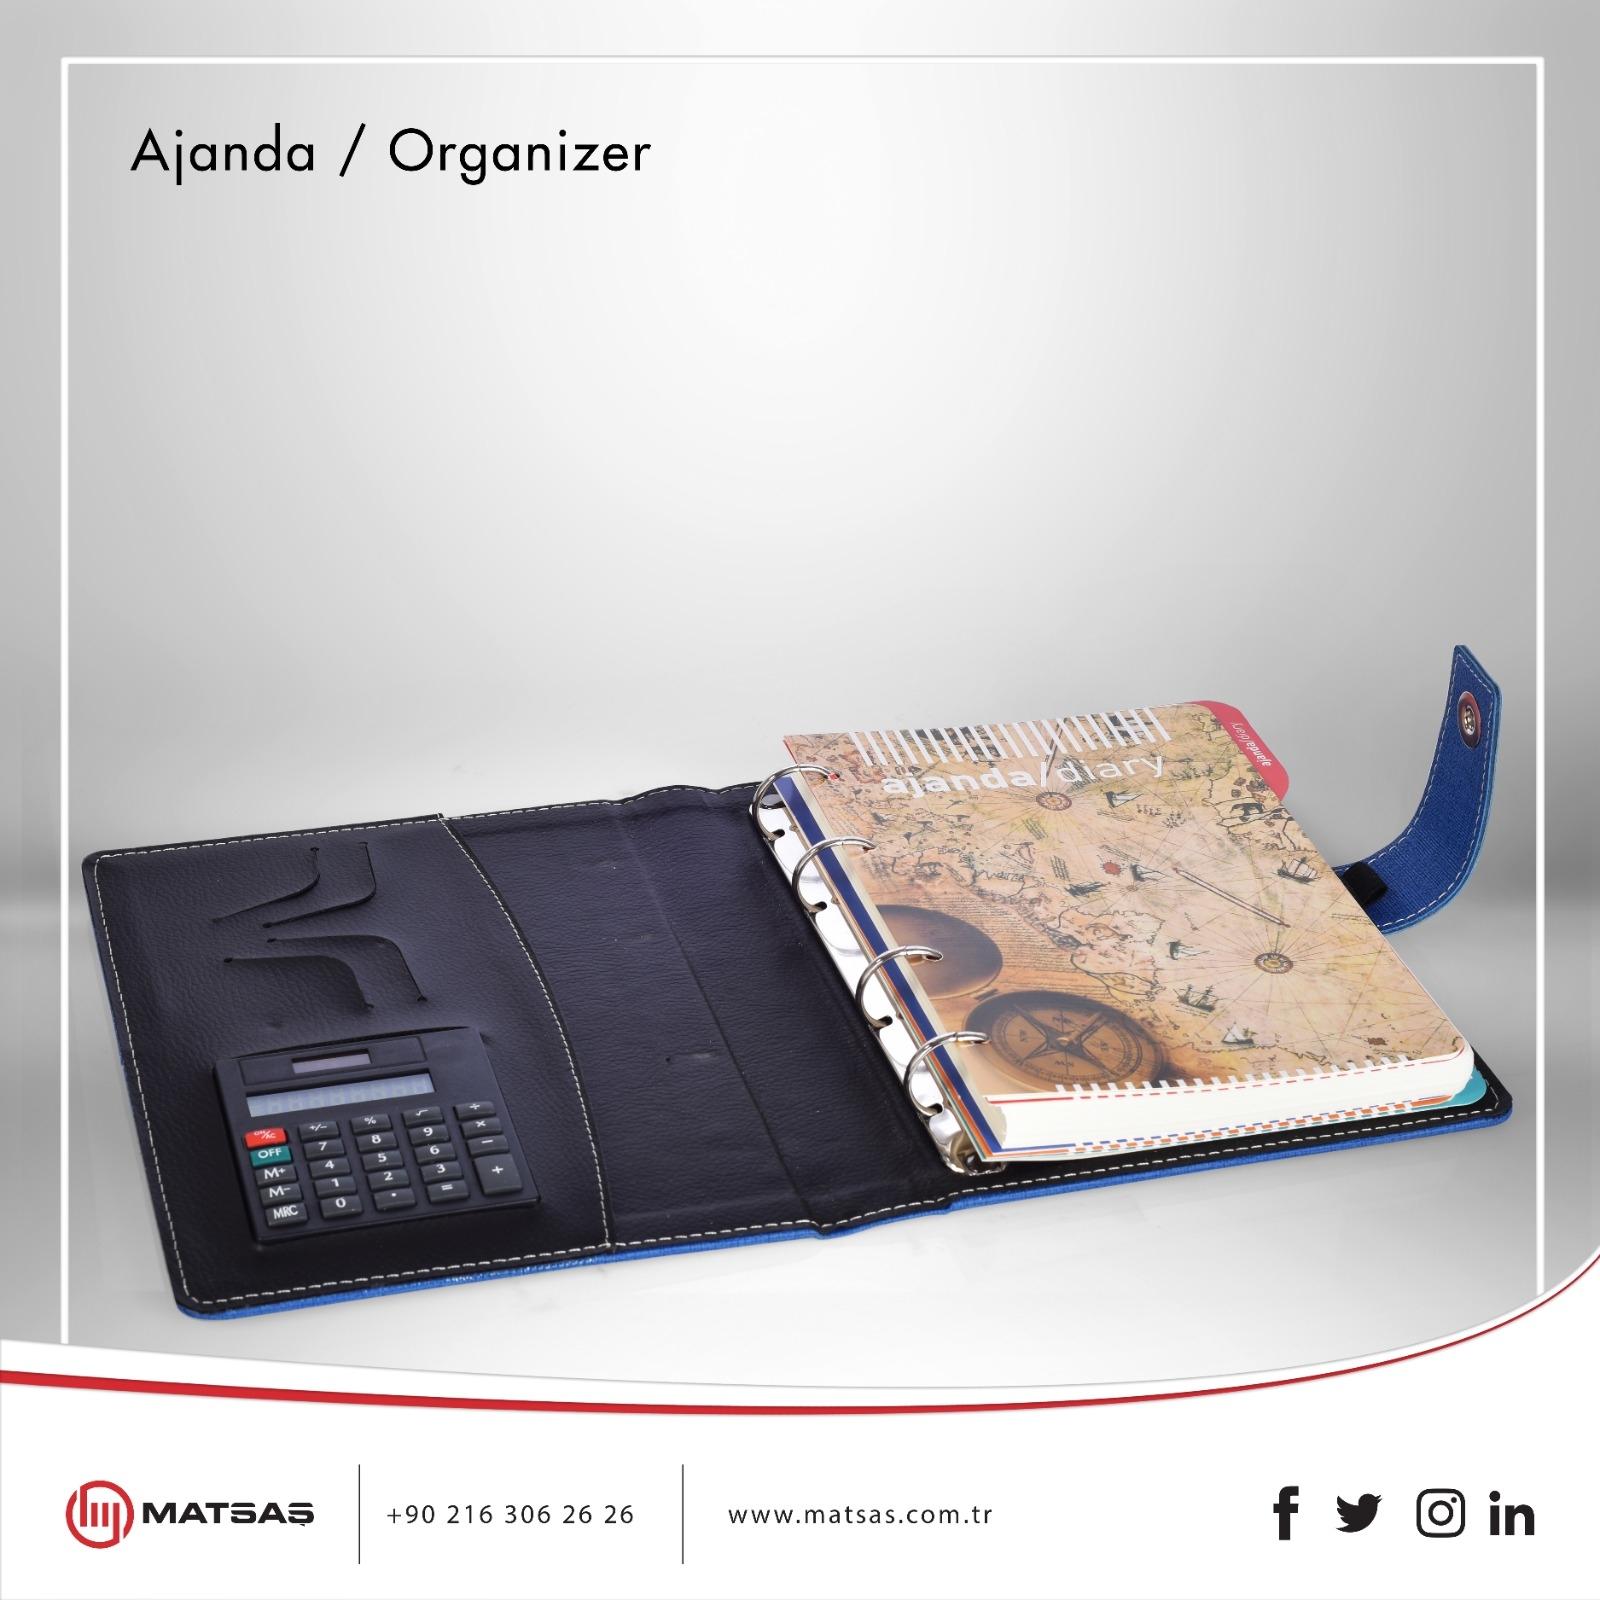 Ajanda - Organizer